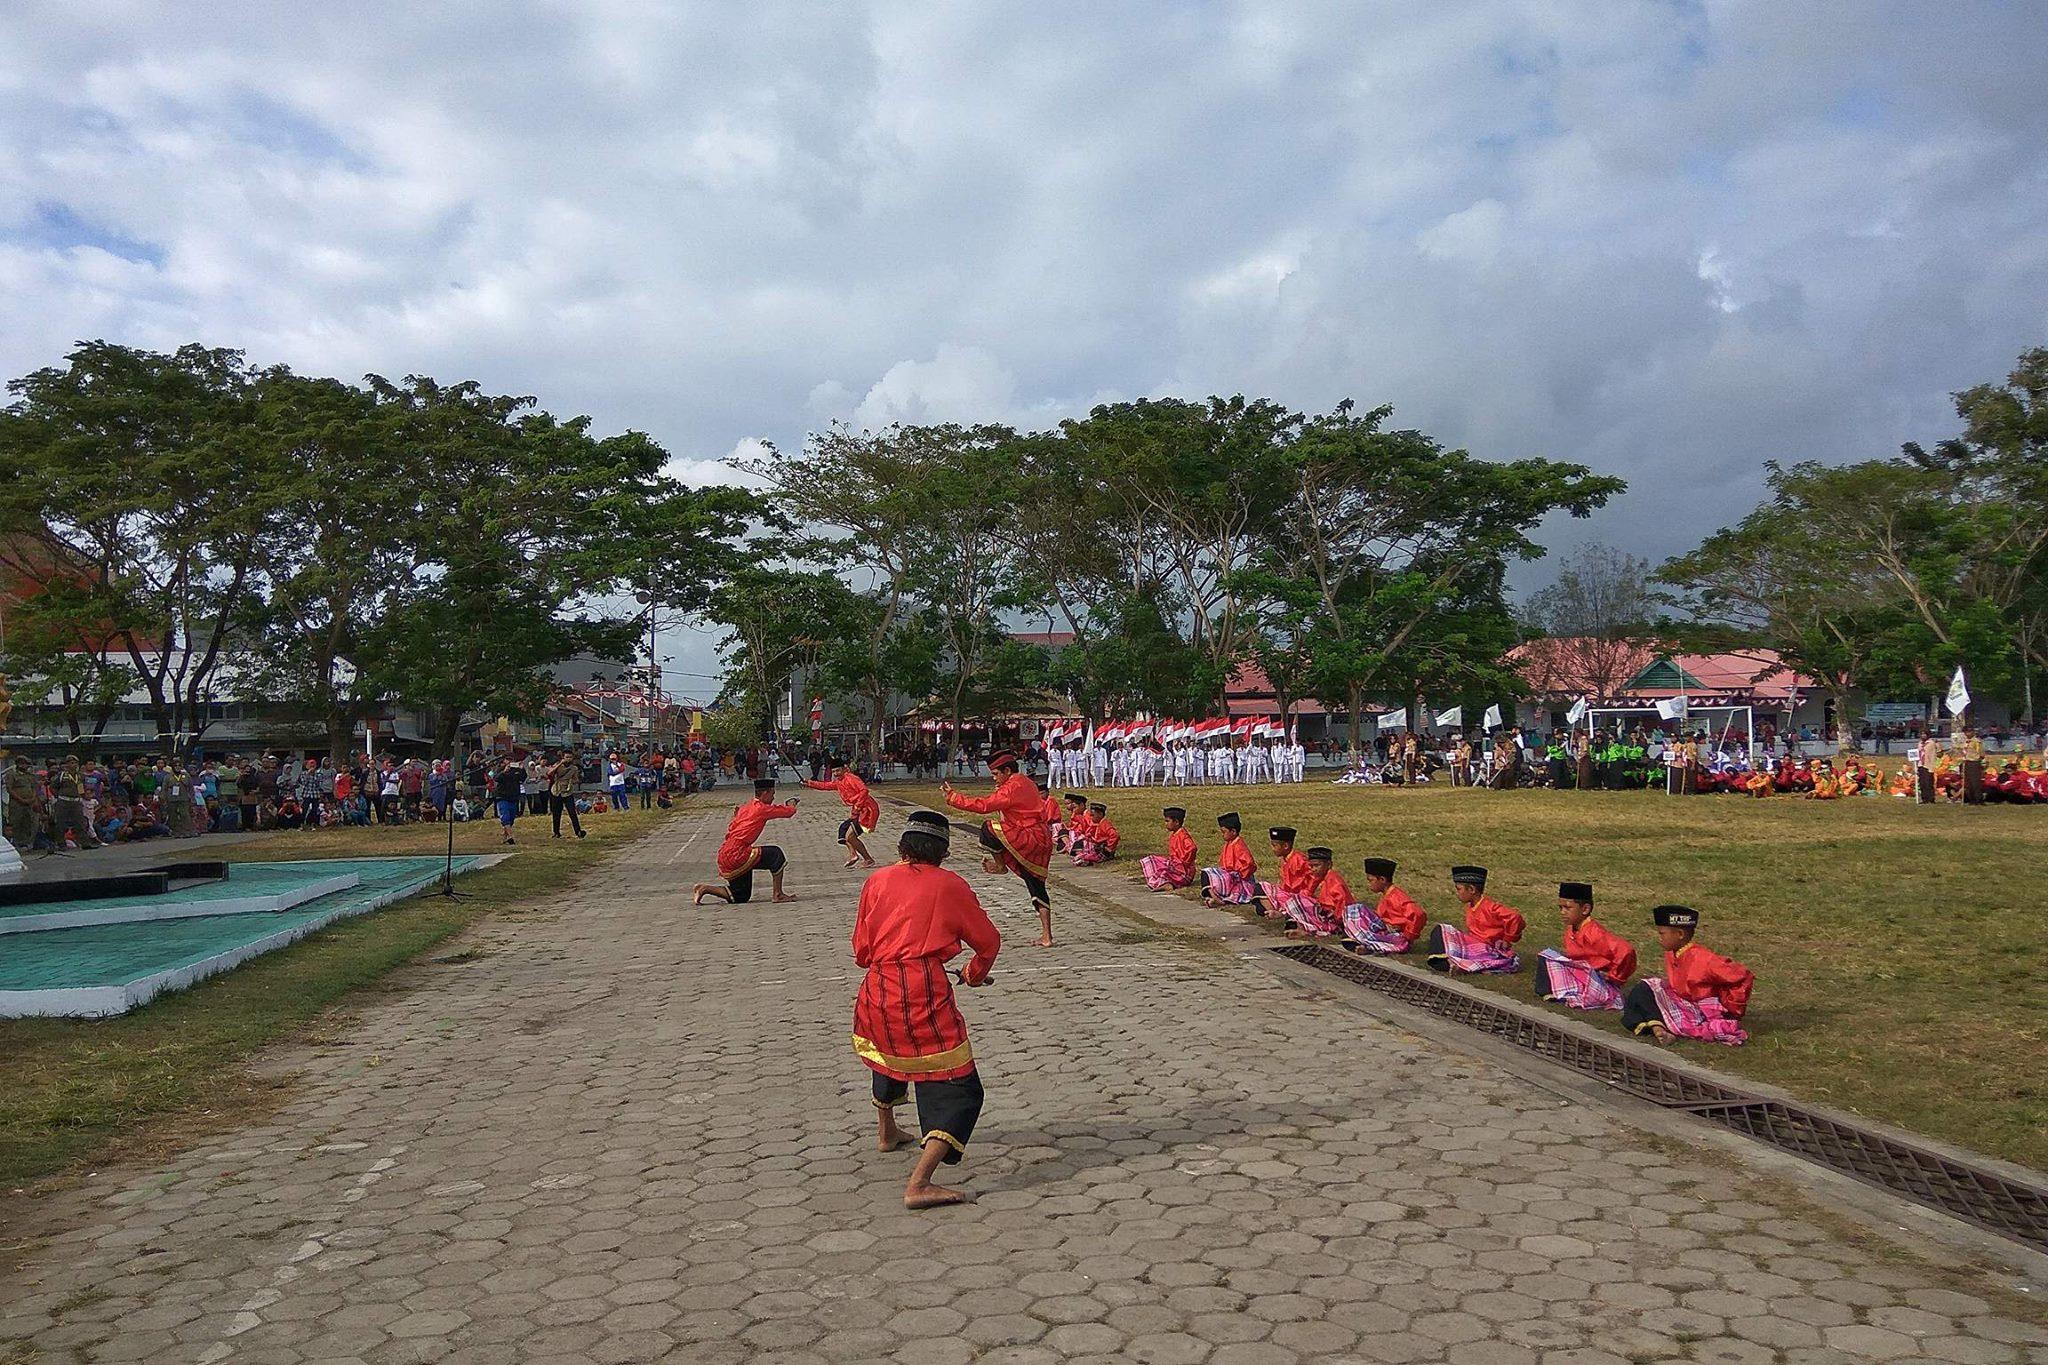 Kuntaw & Manca Pa'dang Pukau Perserta Pembukaan Pra Porda SulSel ke XVI